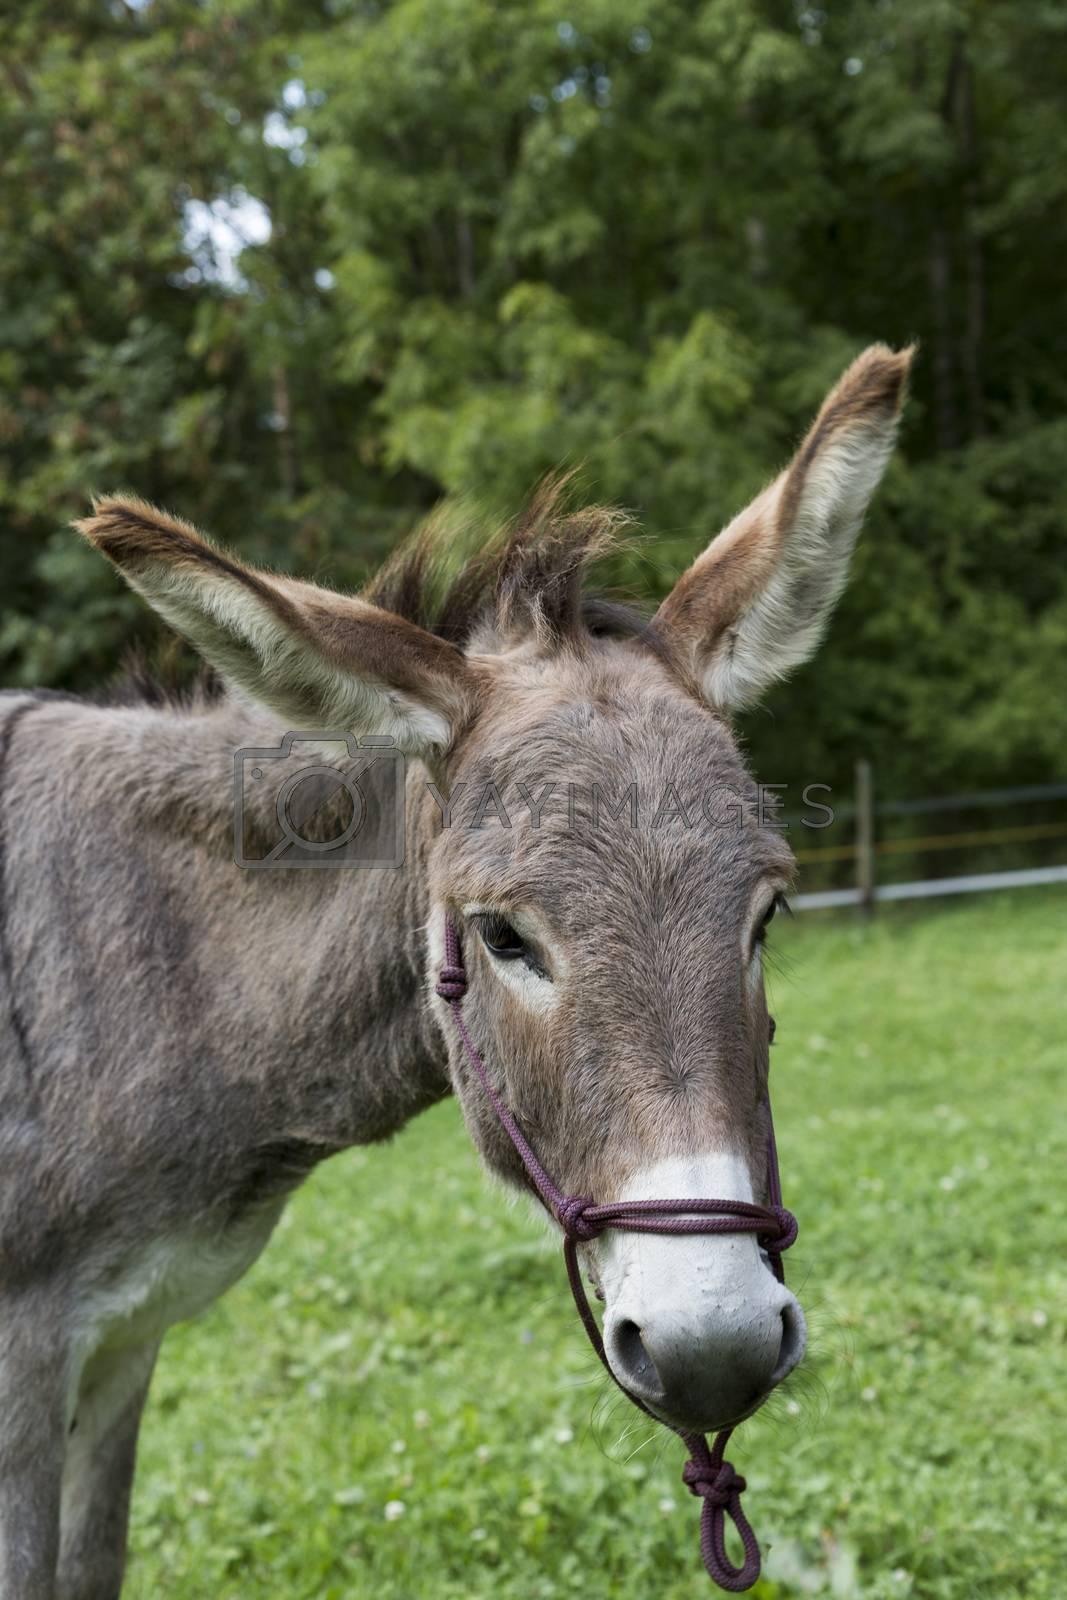 portrait shot of single donkey in green meadow